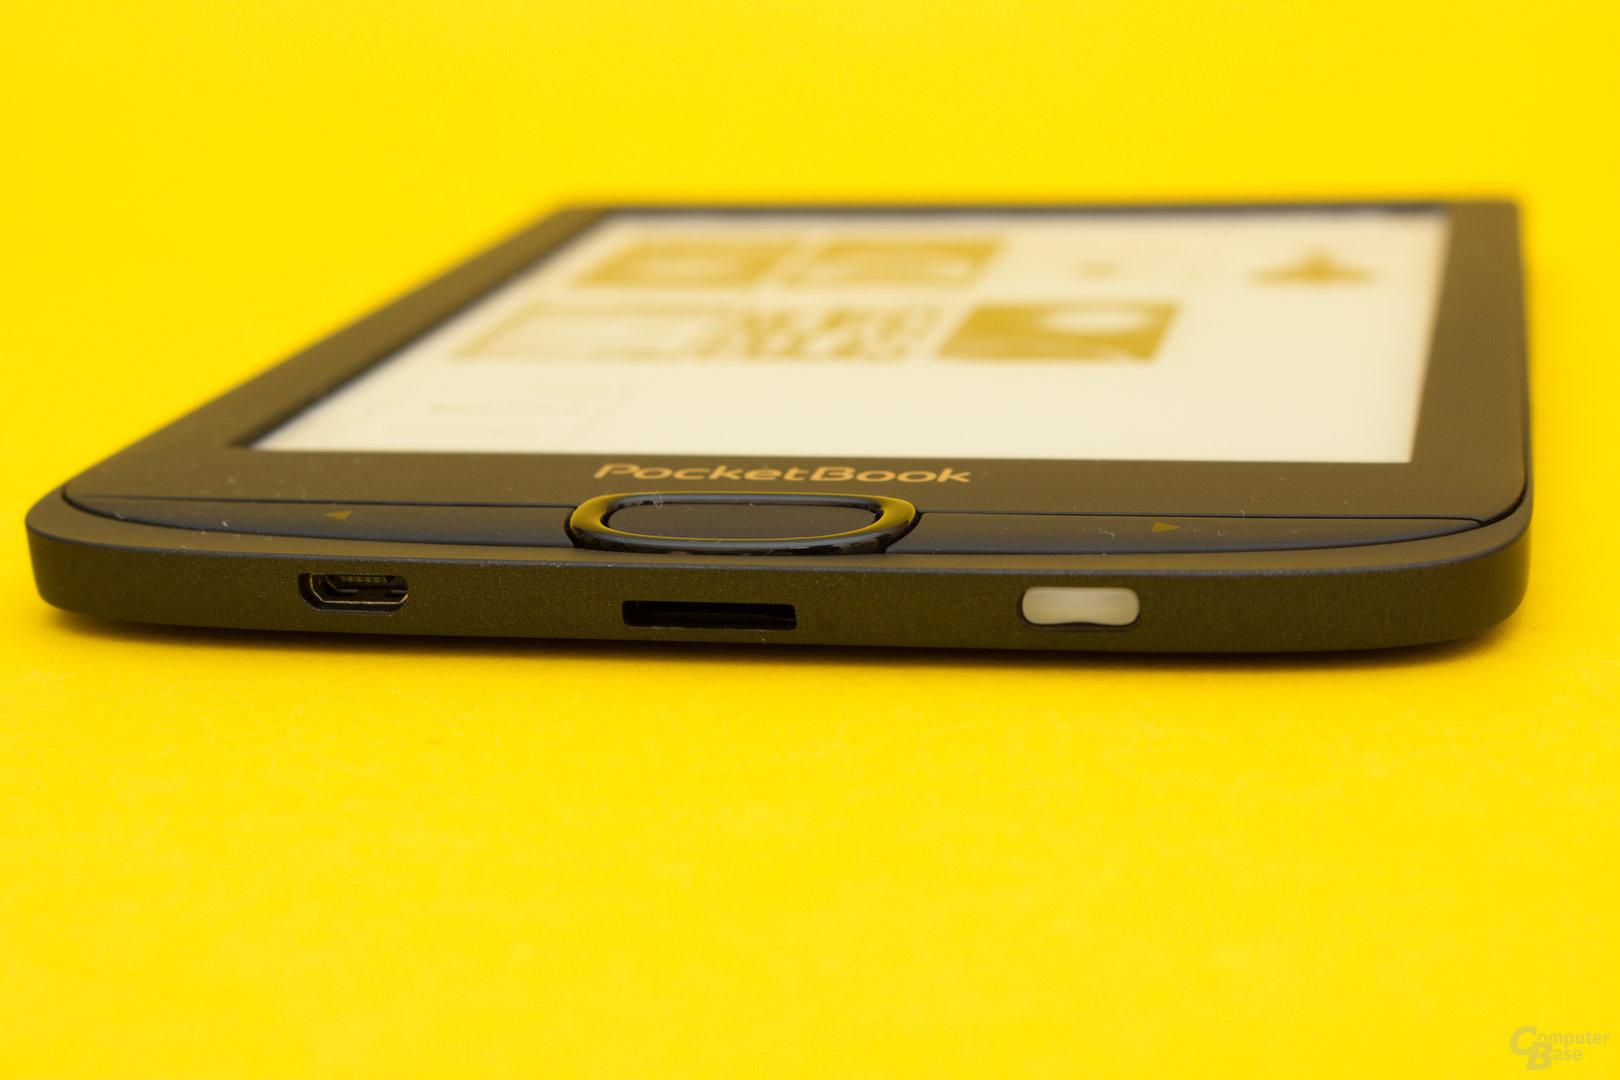 USB-Anschluss, Kartenslot sowie Ein-/Ausschalter